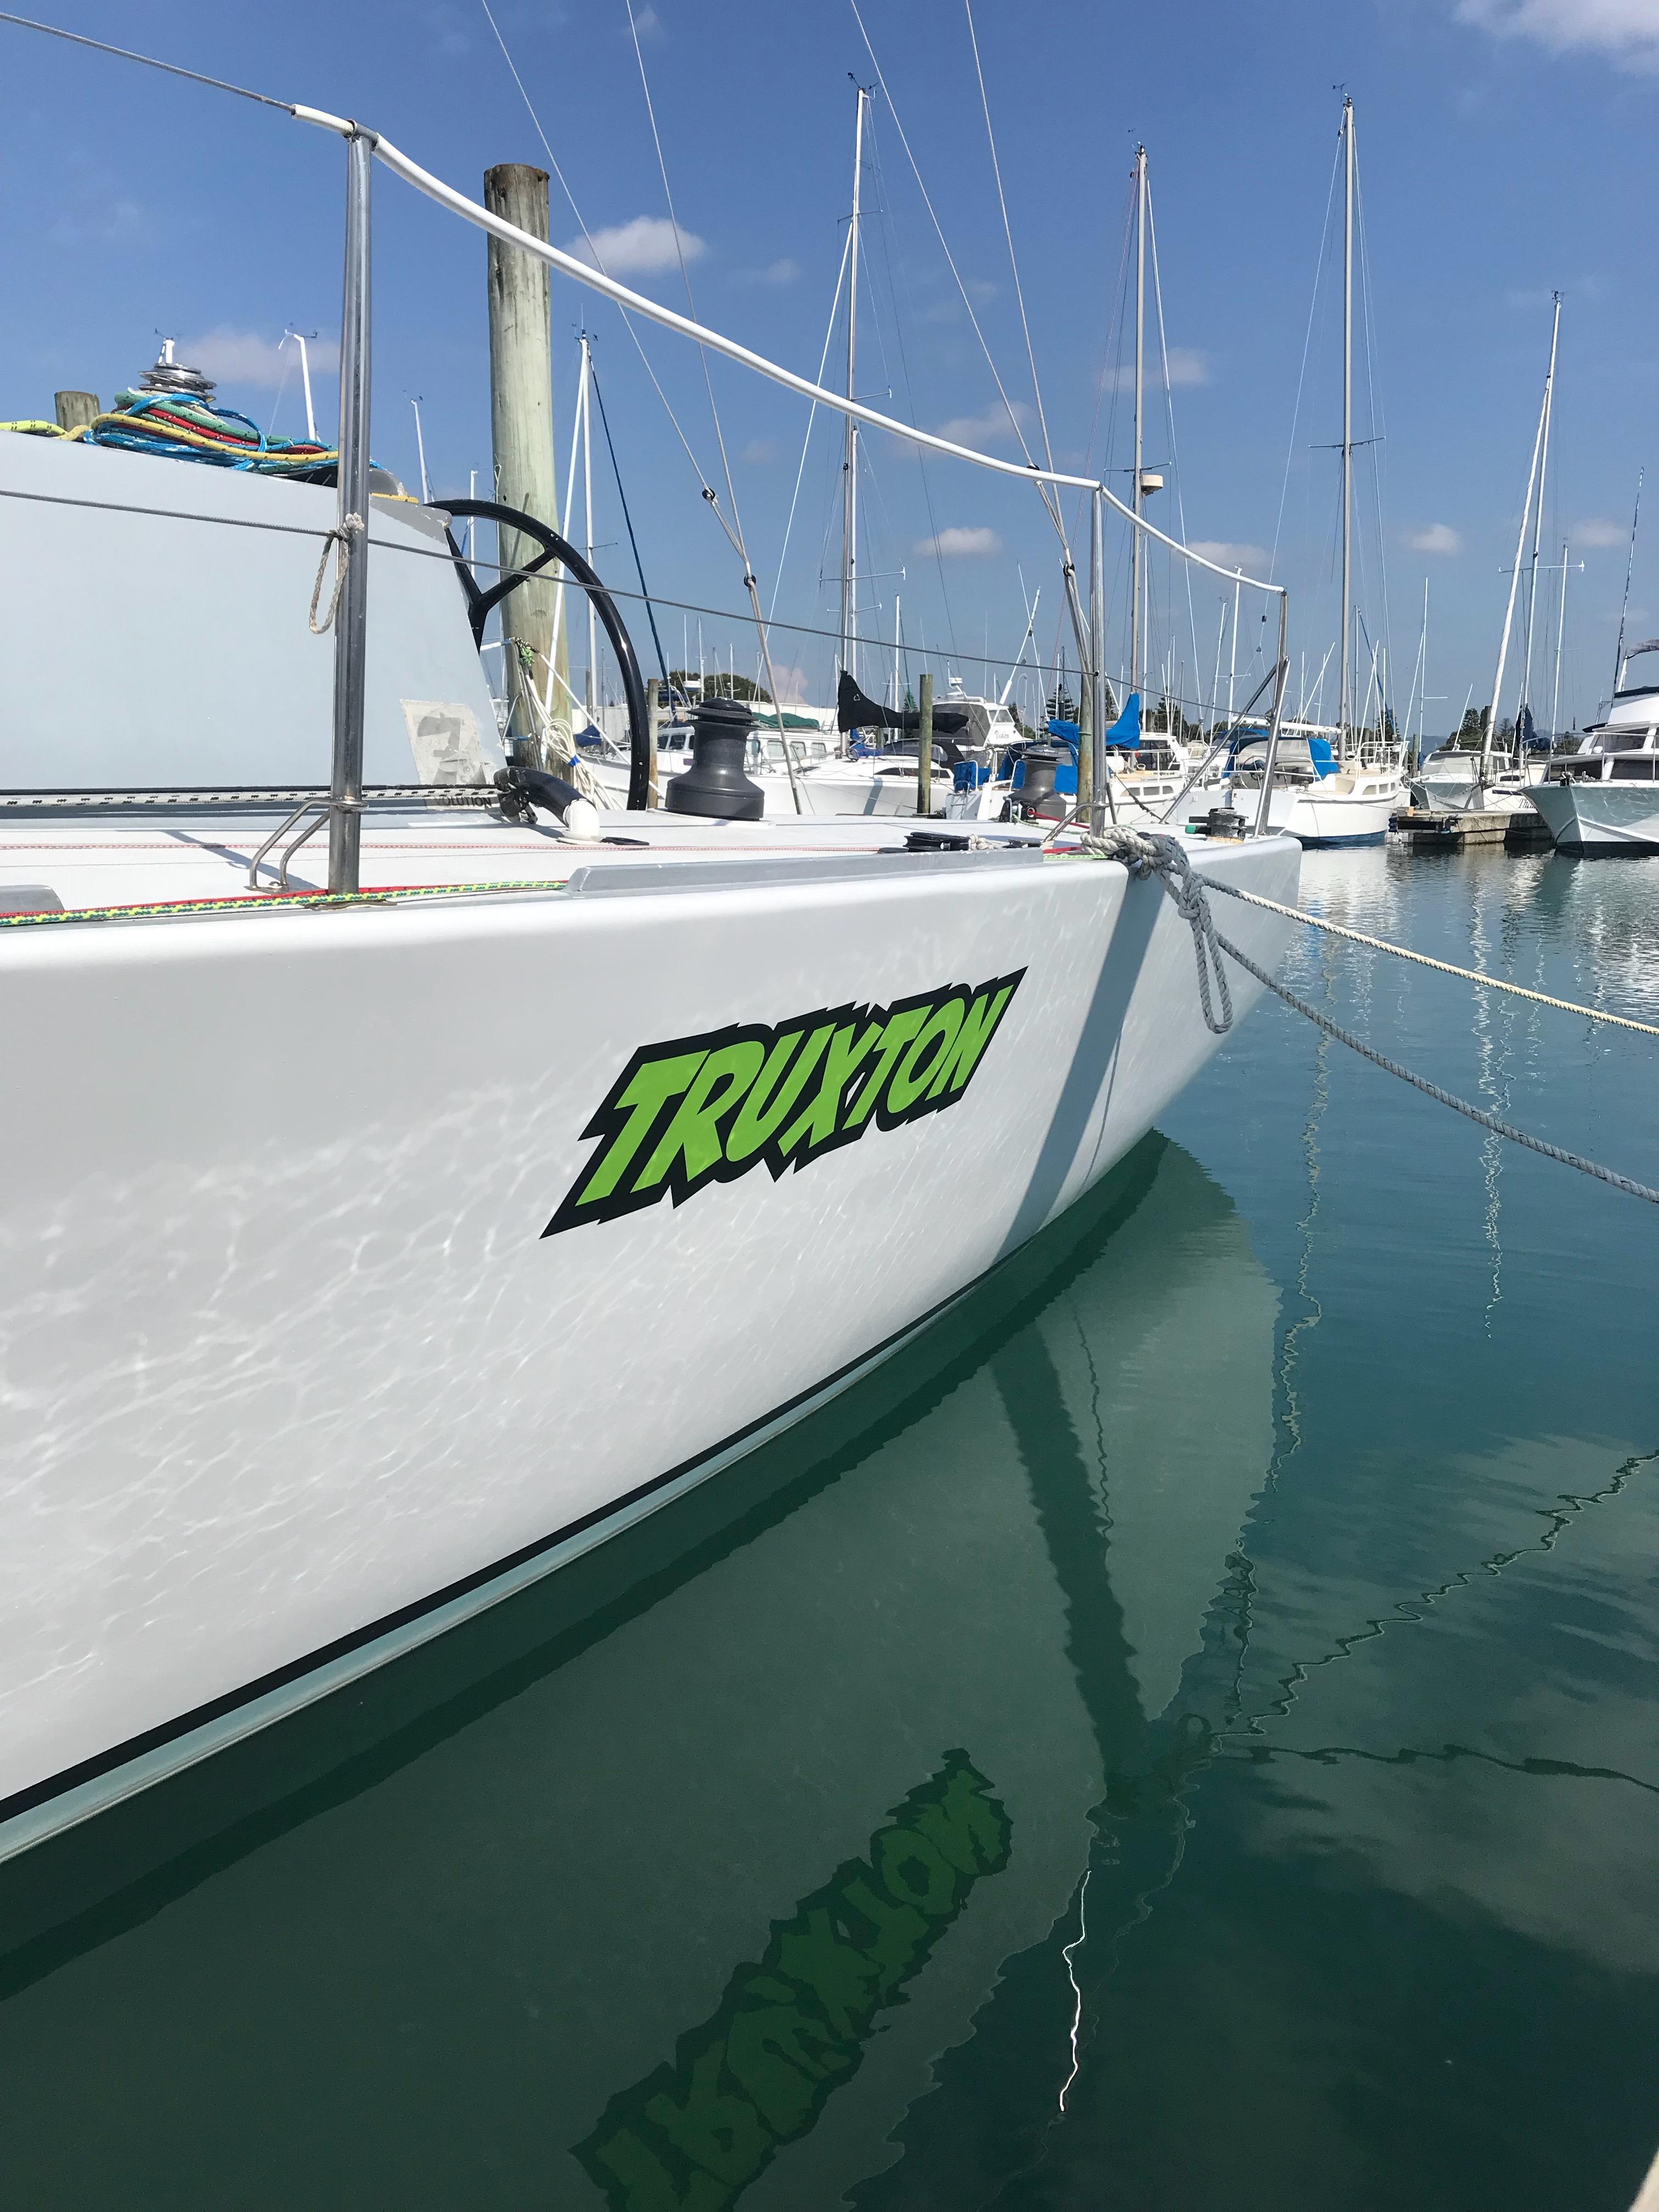 Truxton Boat Image.jpeg